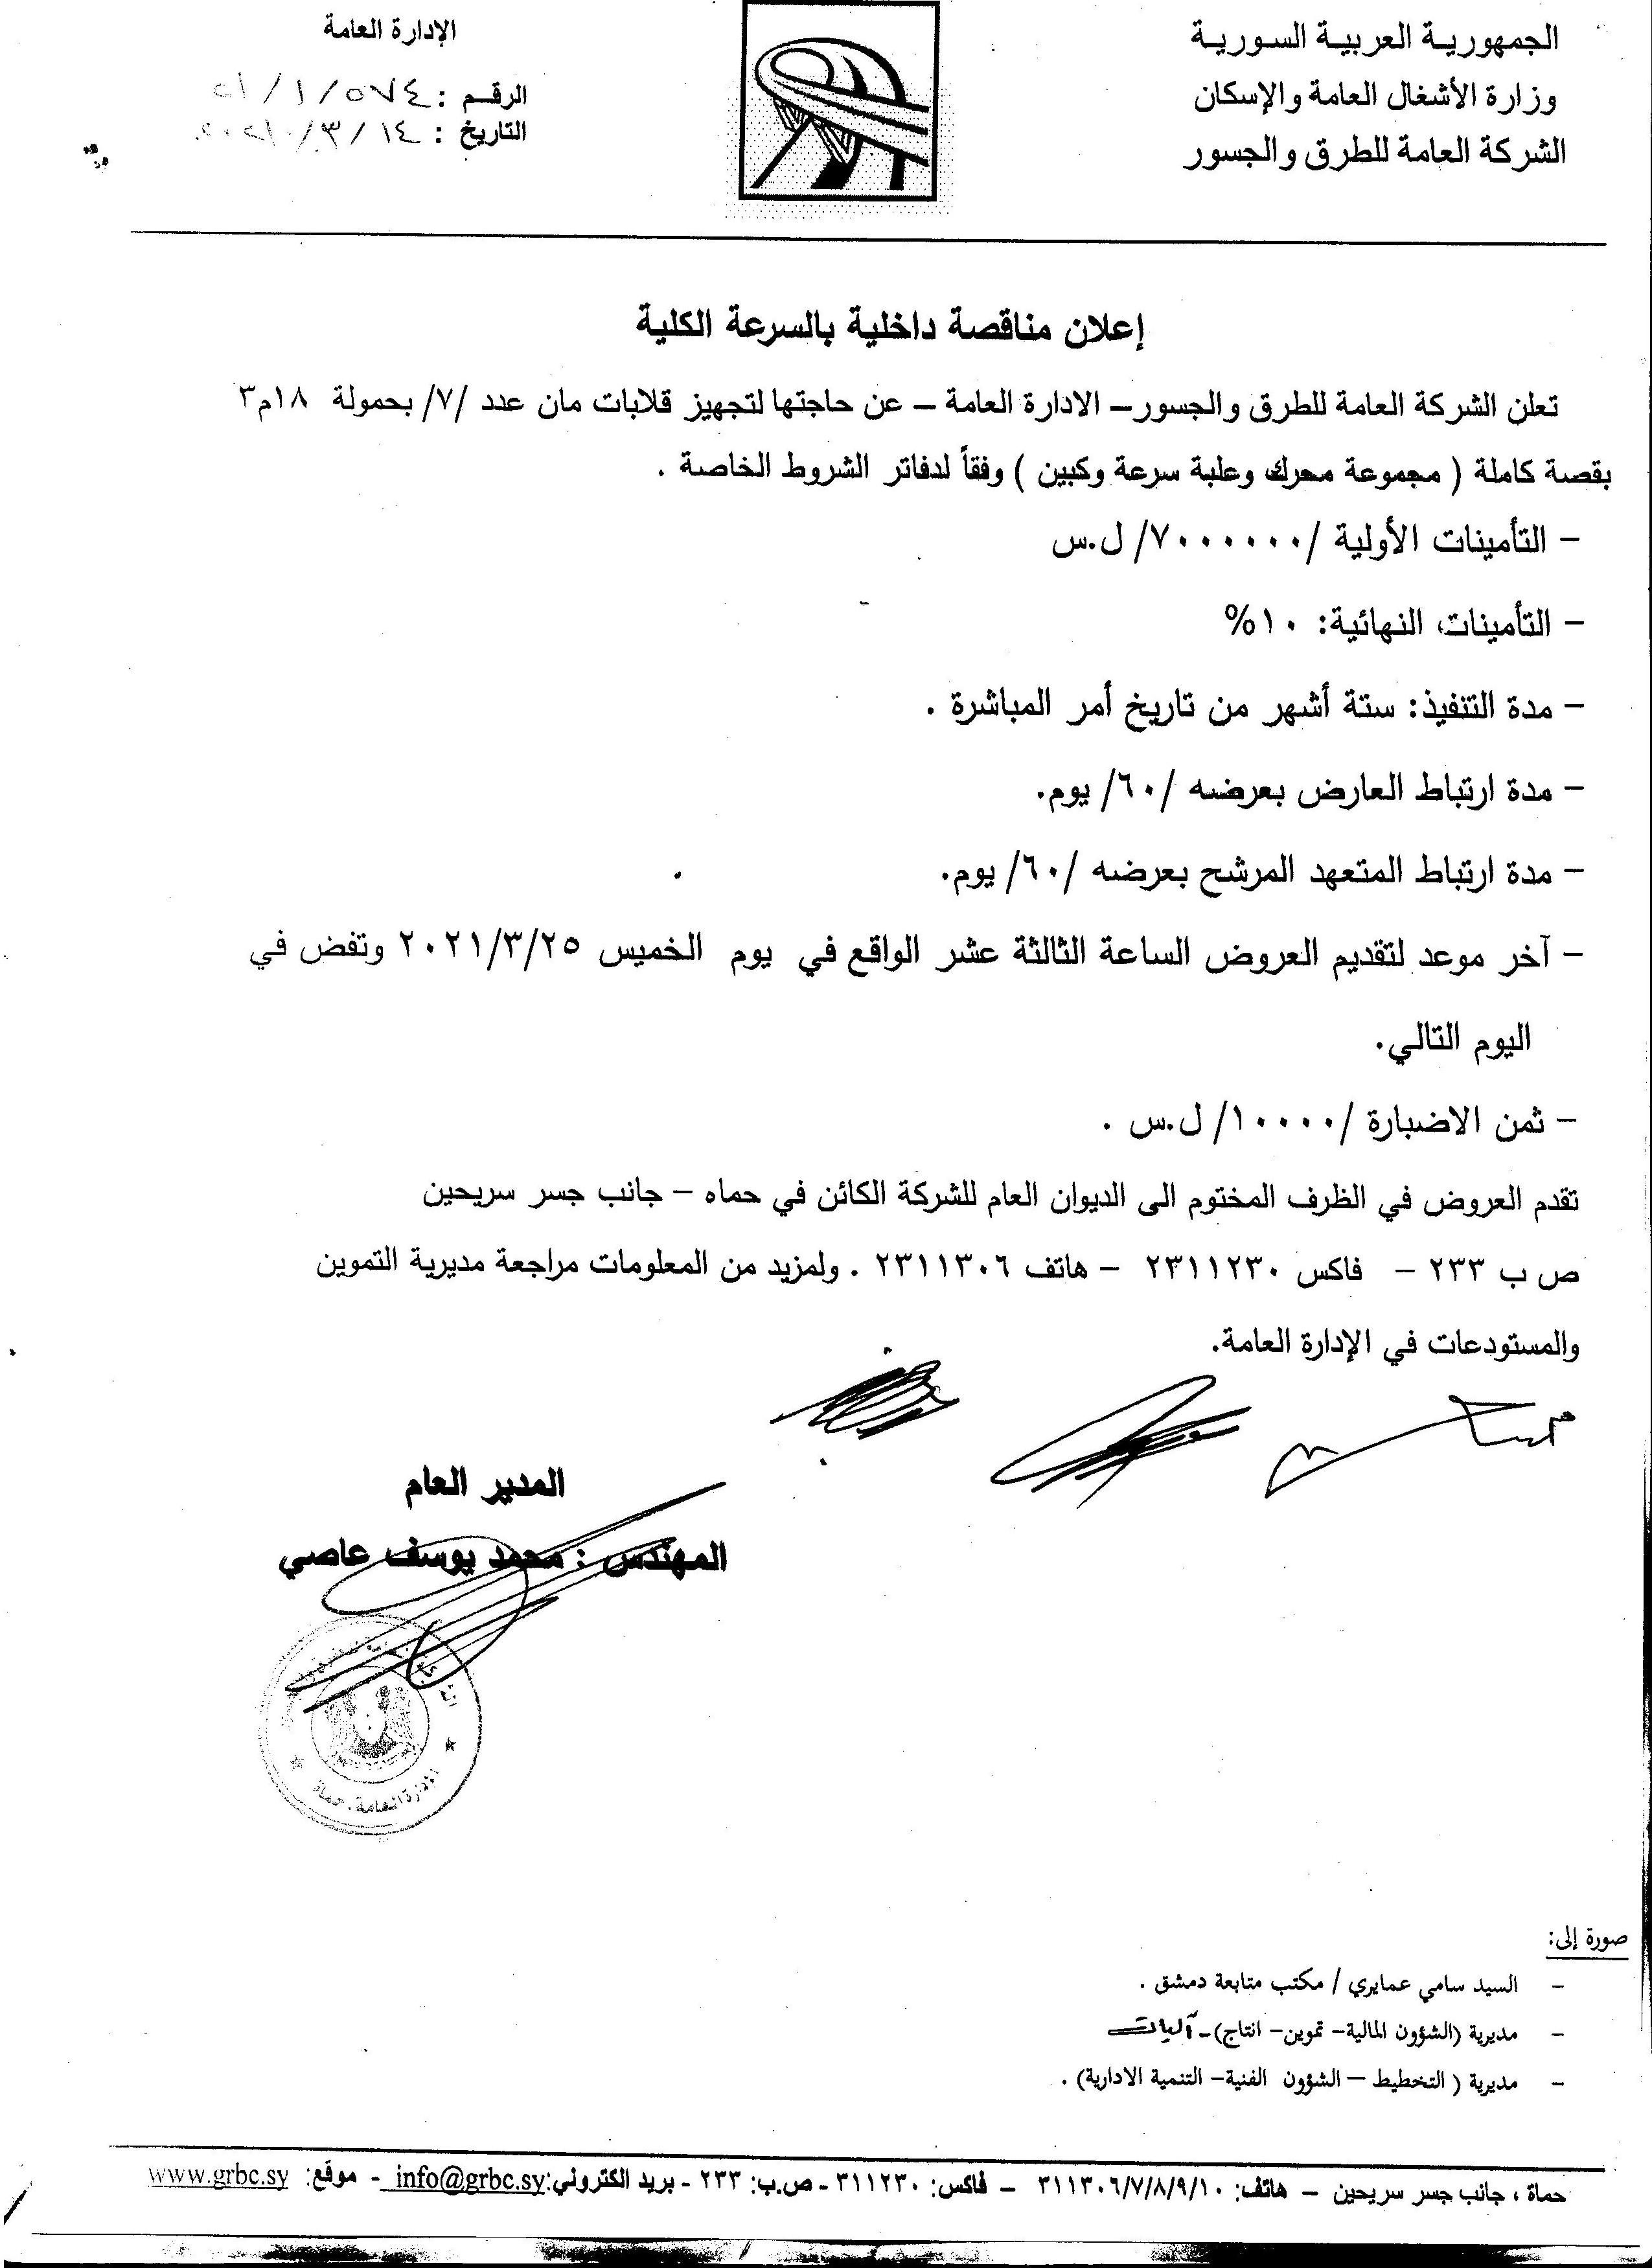 إعلان لتجهيز قلابات مان عدد /7/ بحمولة18م